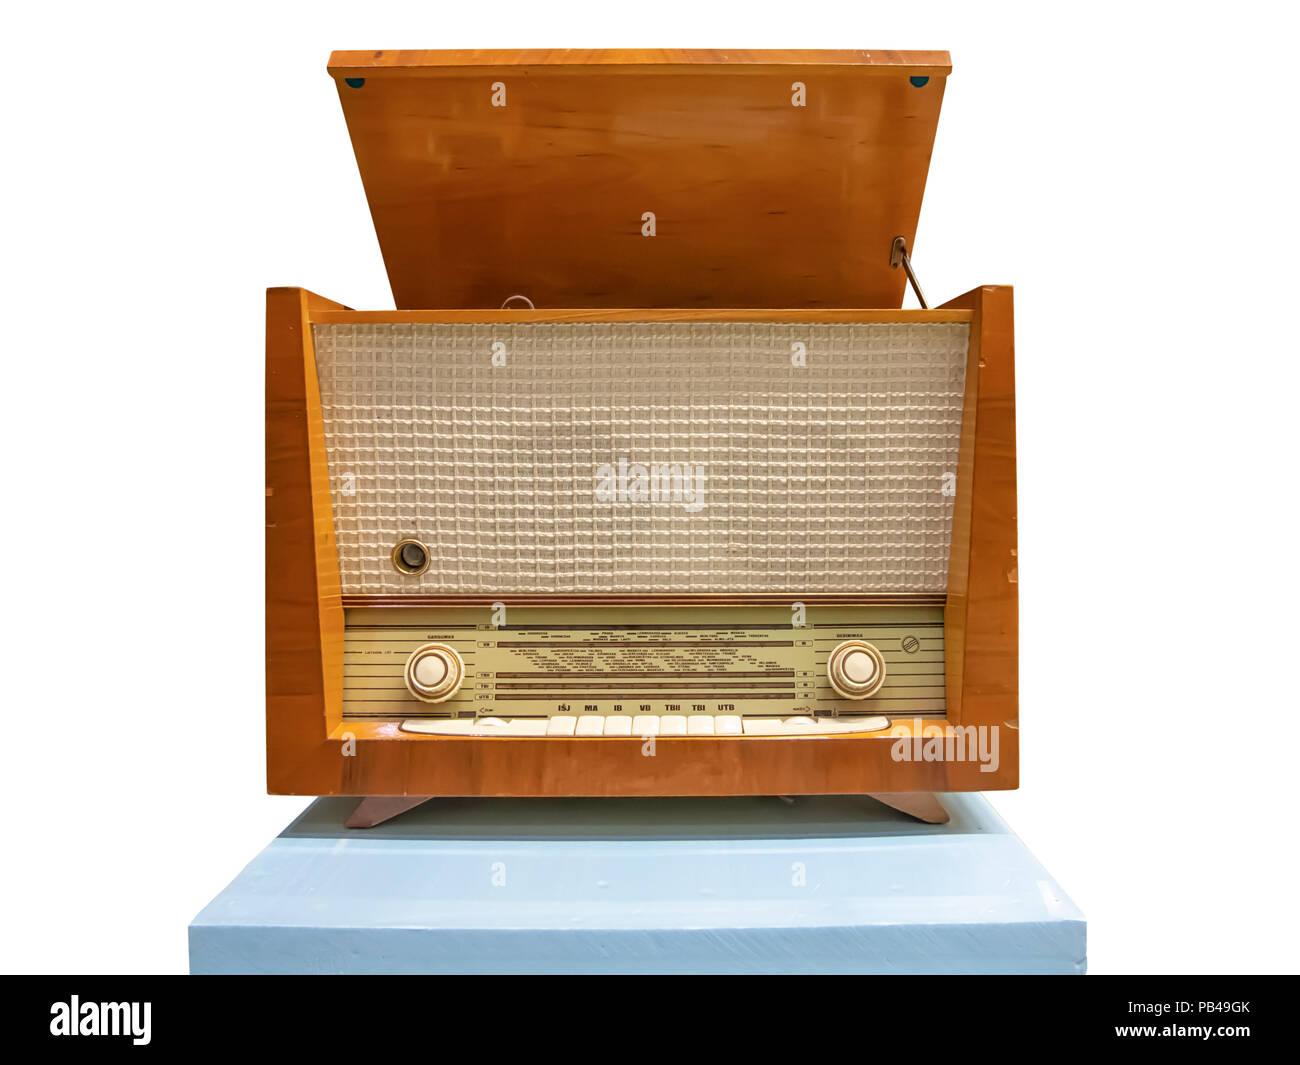 Vintage wooden radiogram isolated on whitebackground Stock Photo